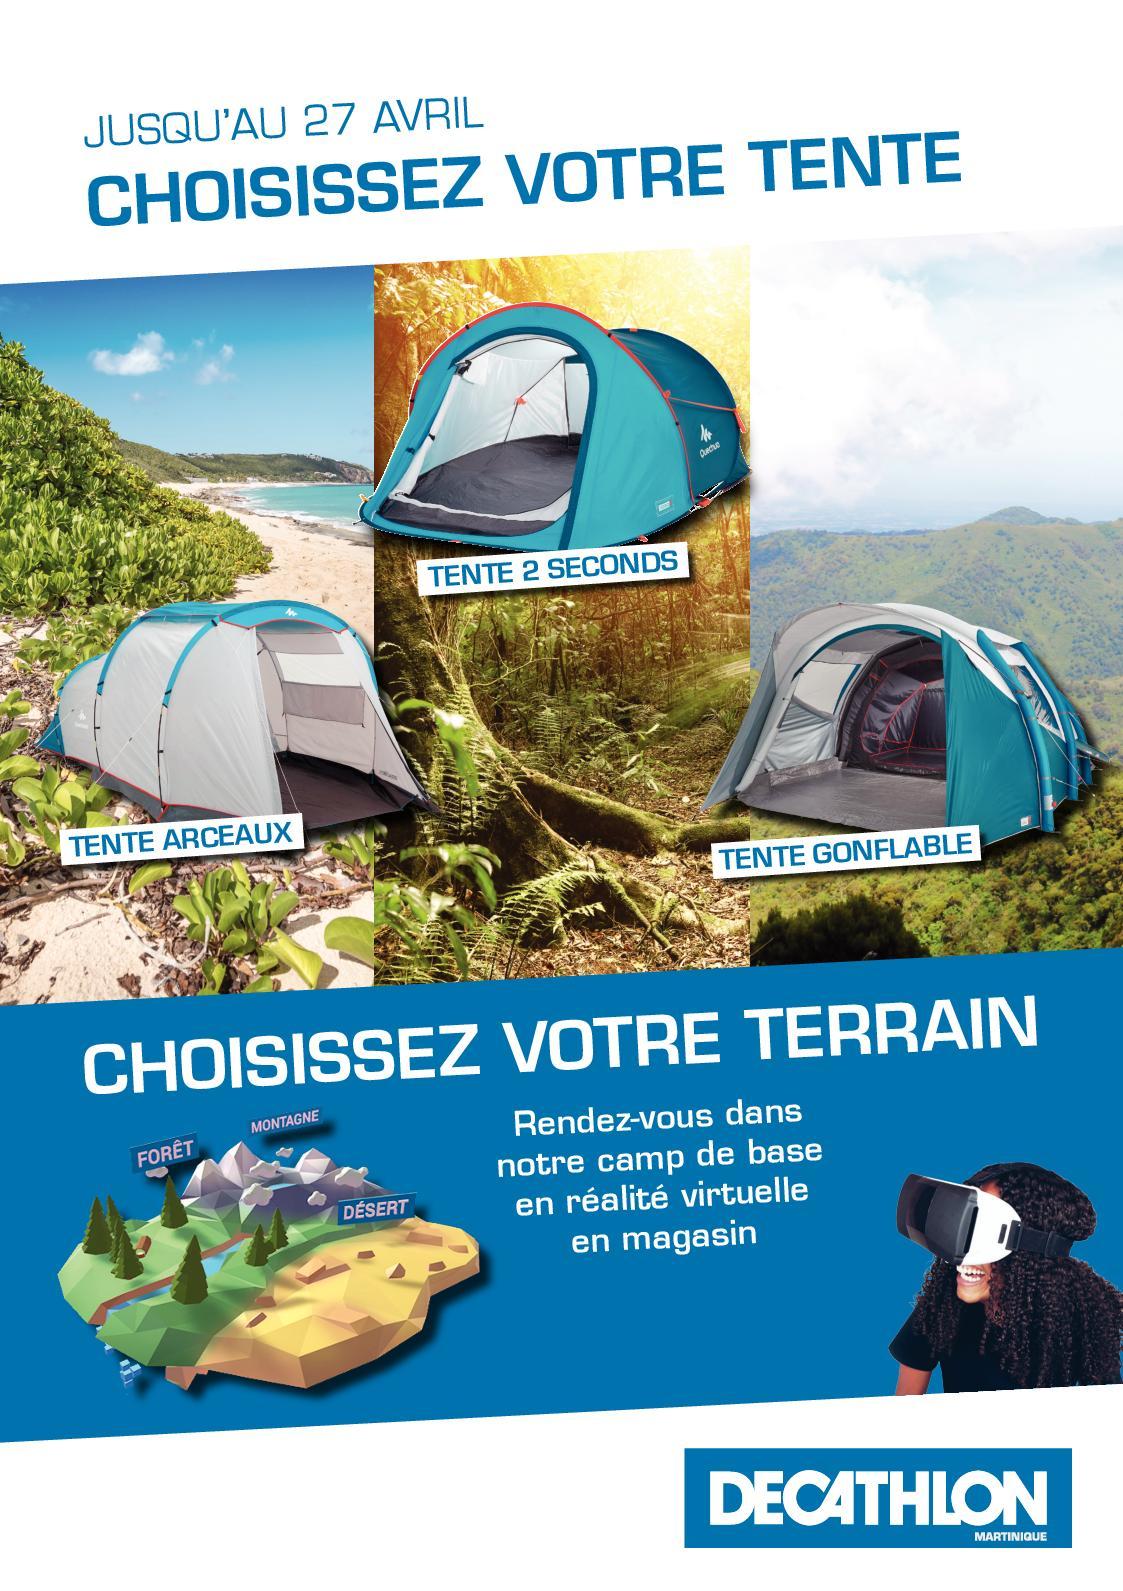 Calaméo Decathlon Martinique Choisissez Votre Tente